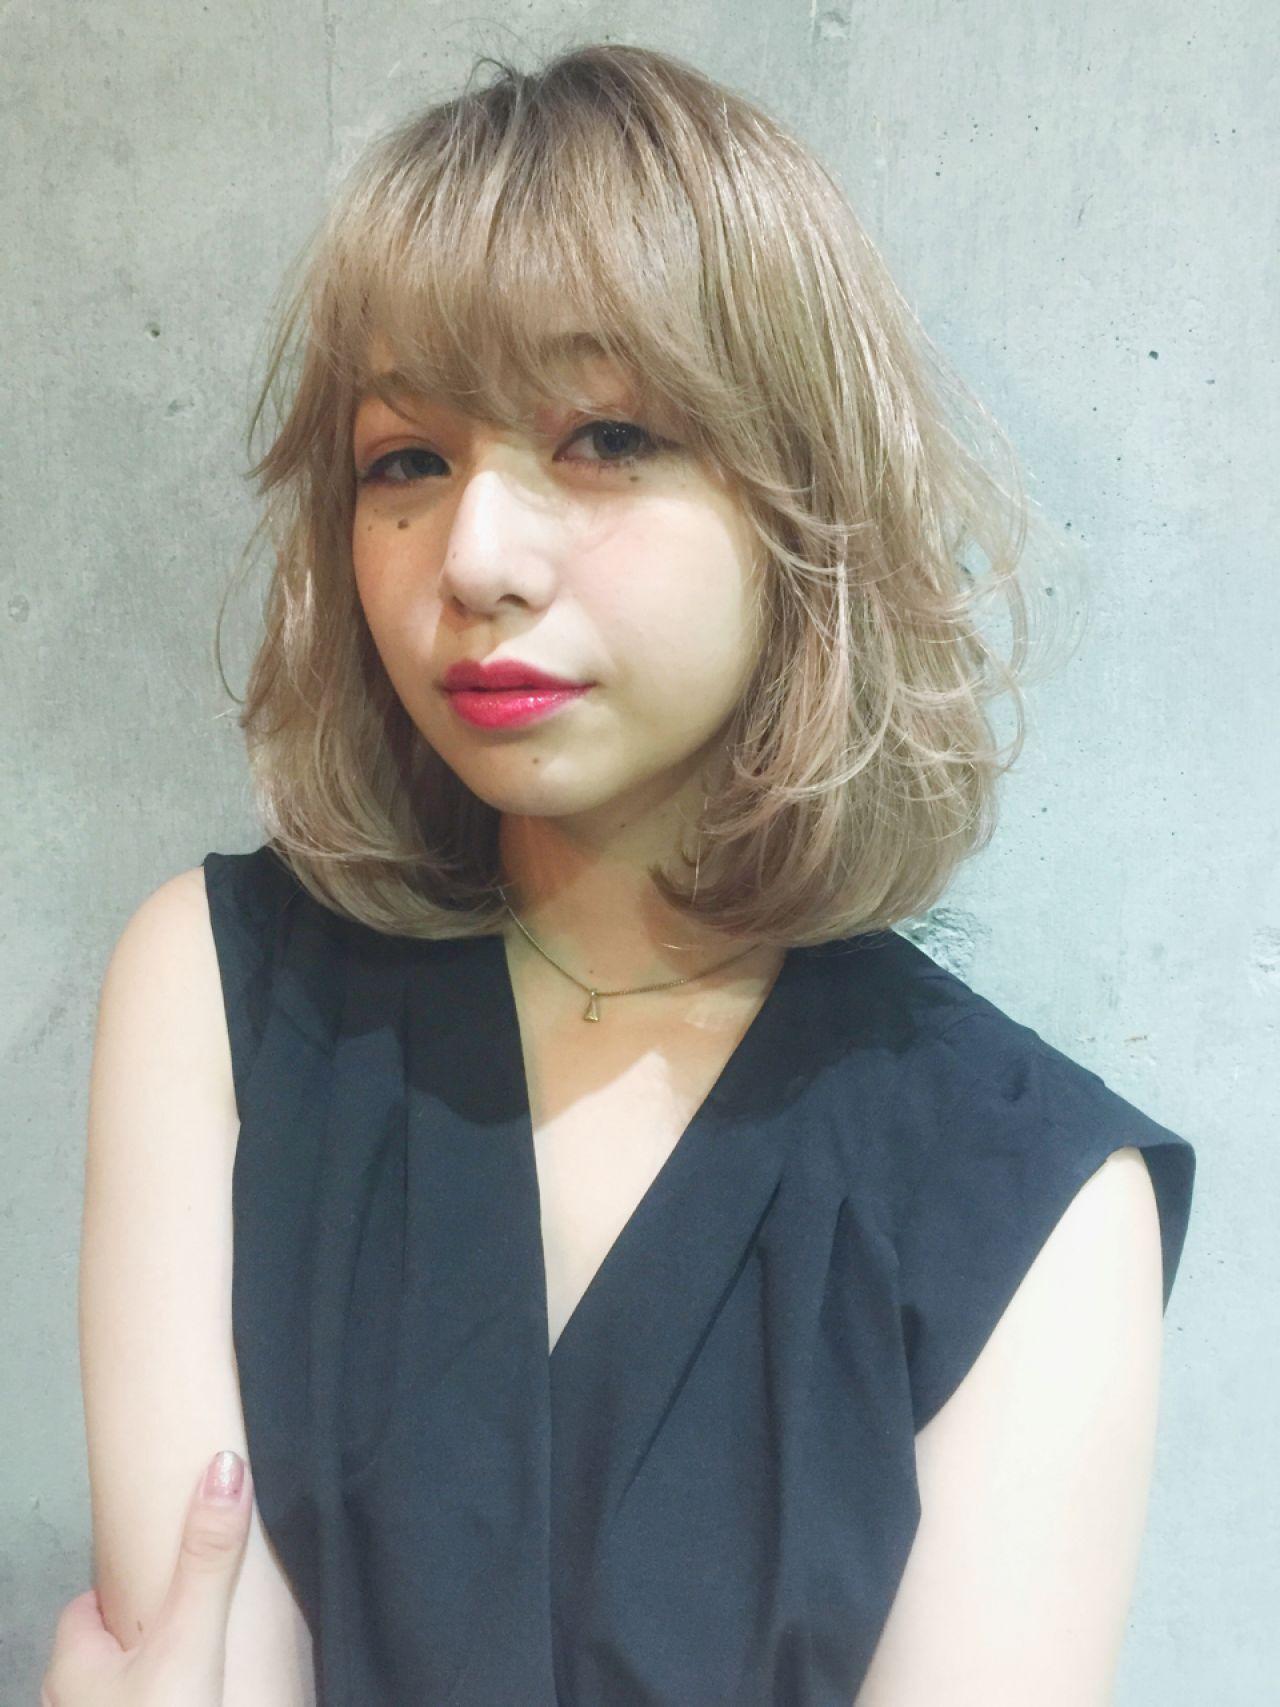 ハイライト パンク ボブ ローライトヘアスタイルや髪型の写真・画像